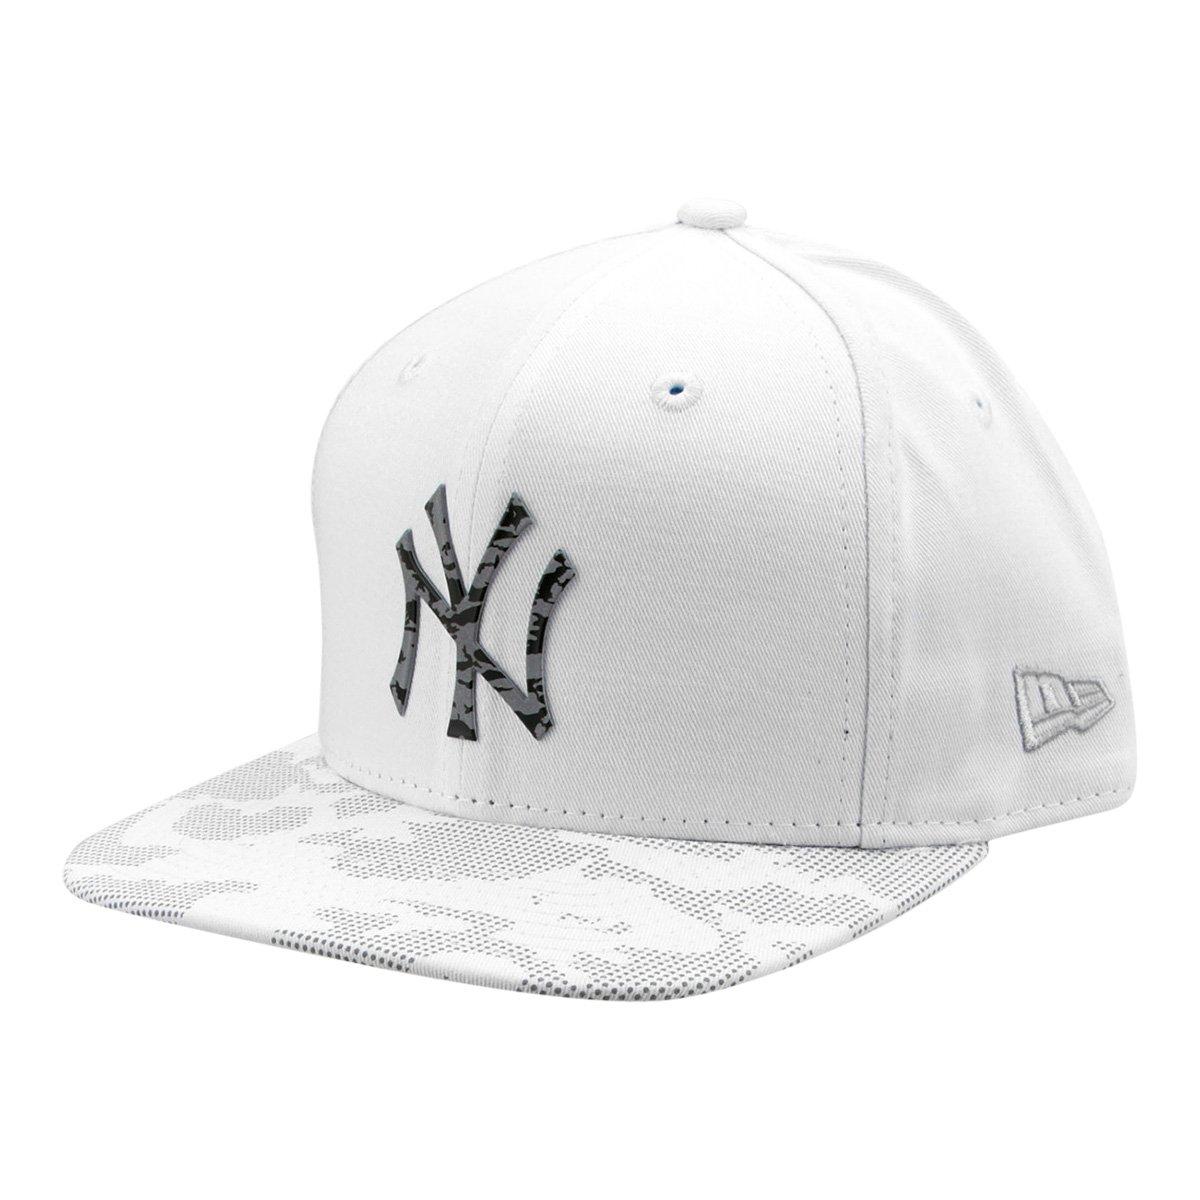 Boné New Era MLB New York Yankees Aba Reta Lic980 - Compre Agora ... cb3e2564f88